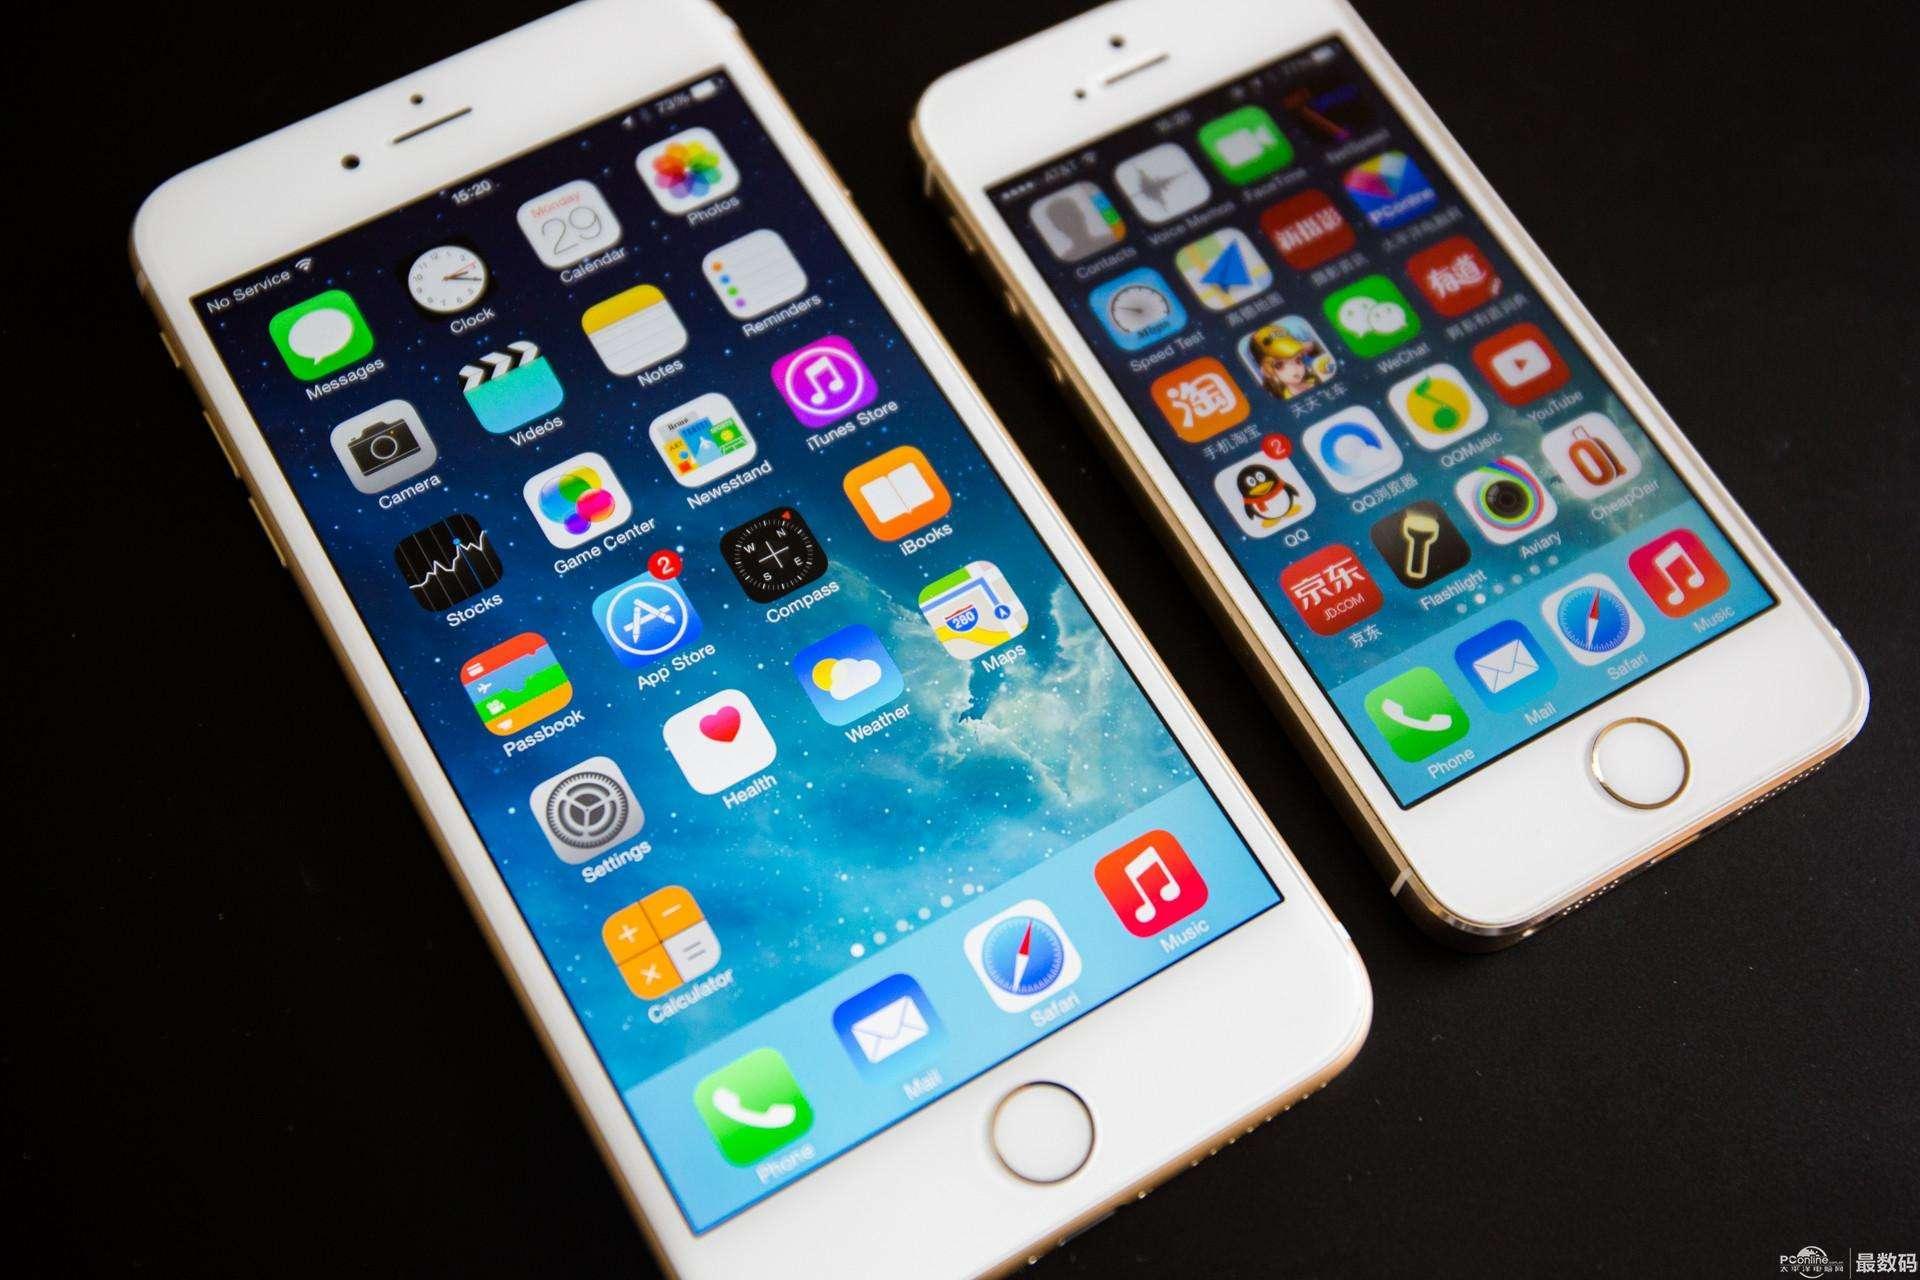 6plus品牌手机模型,道具手机,展示手机,模具模型机 7